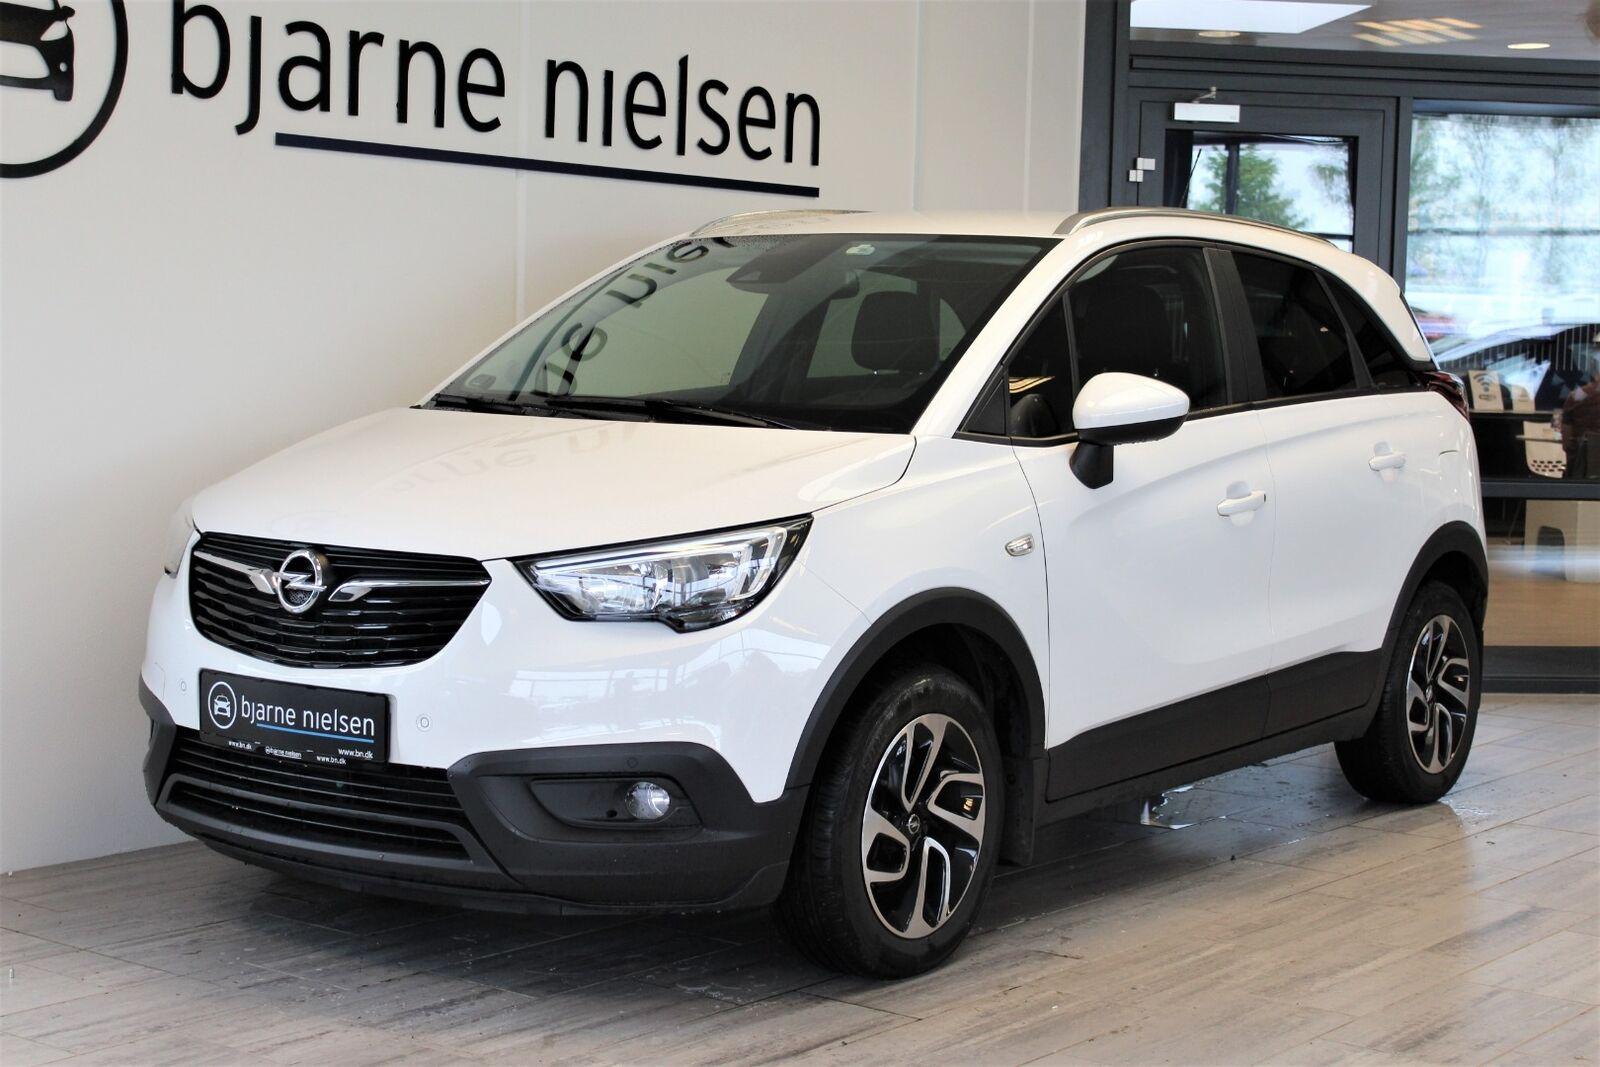 Opel Crossland X Billede 6